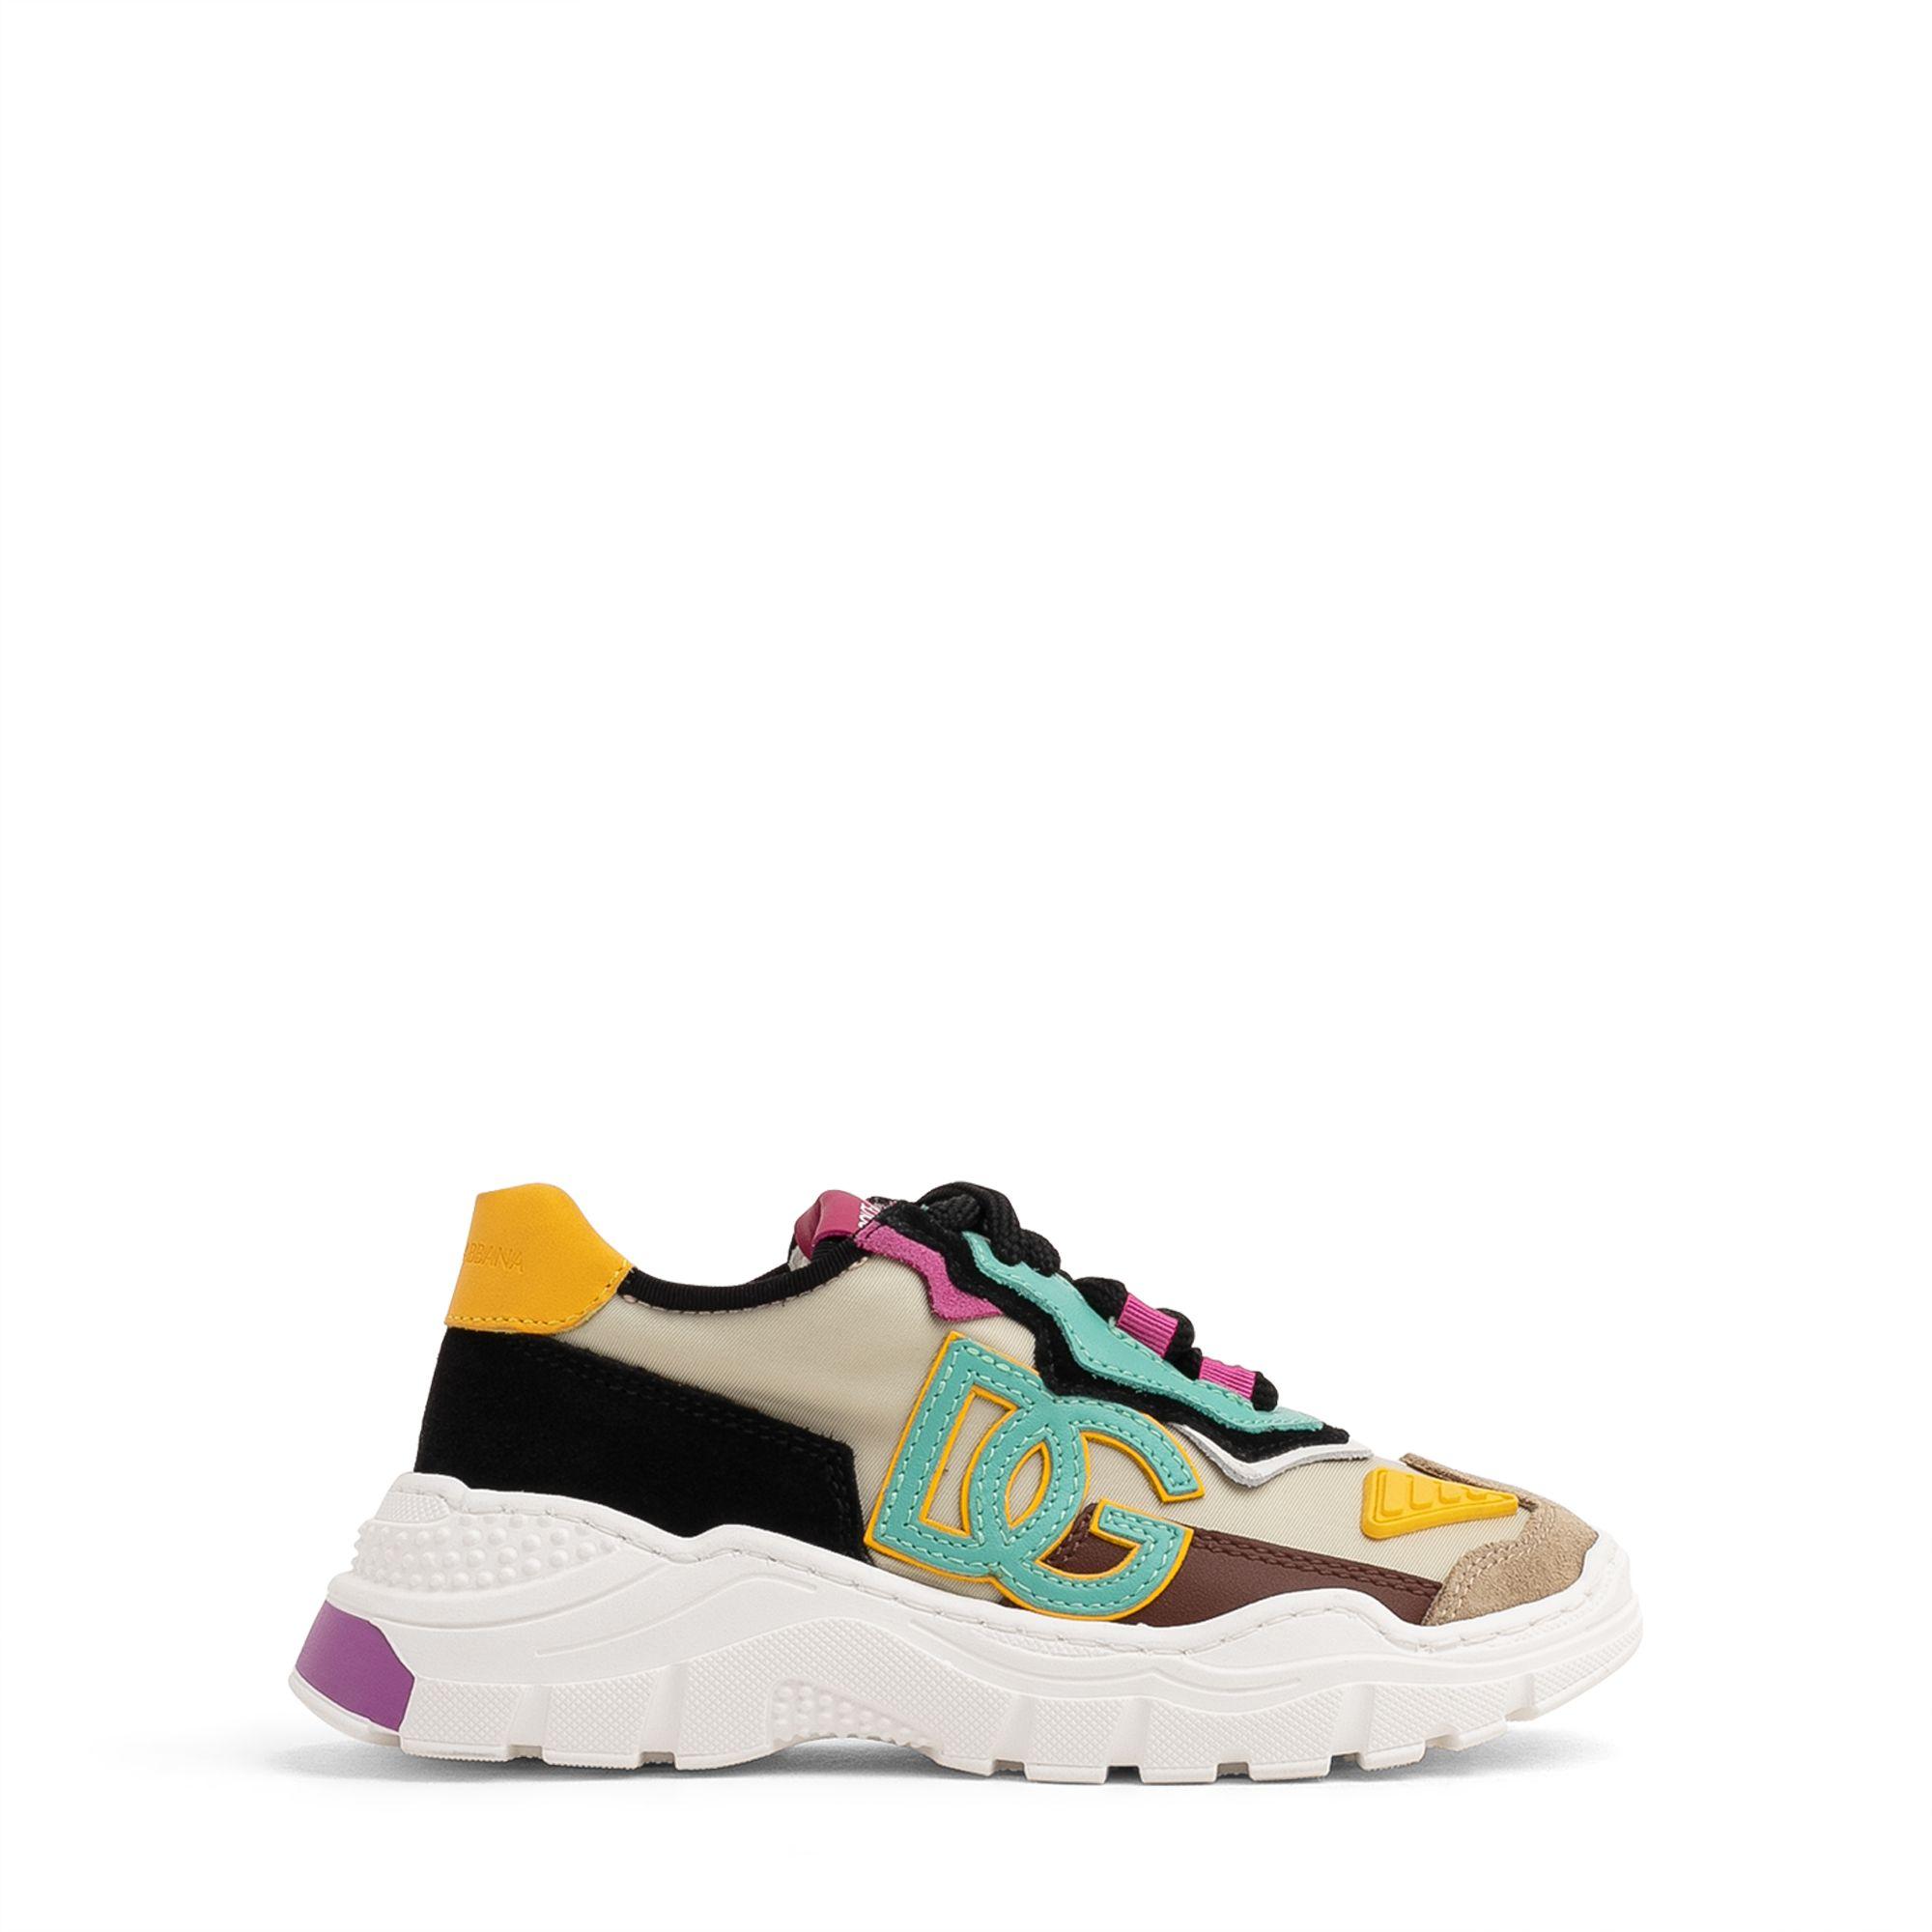 DG low-top sneakers